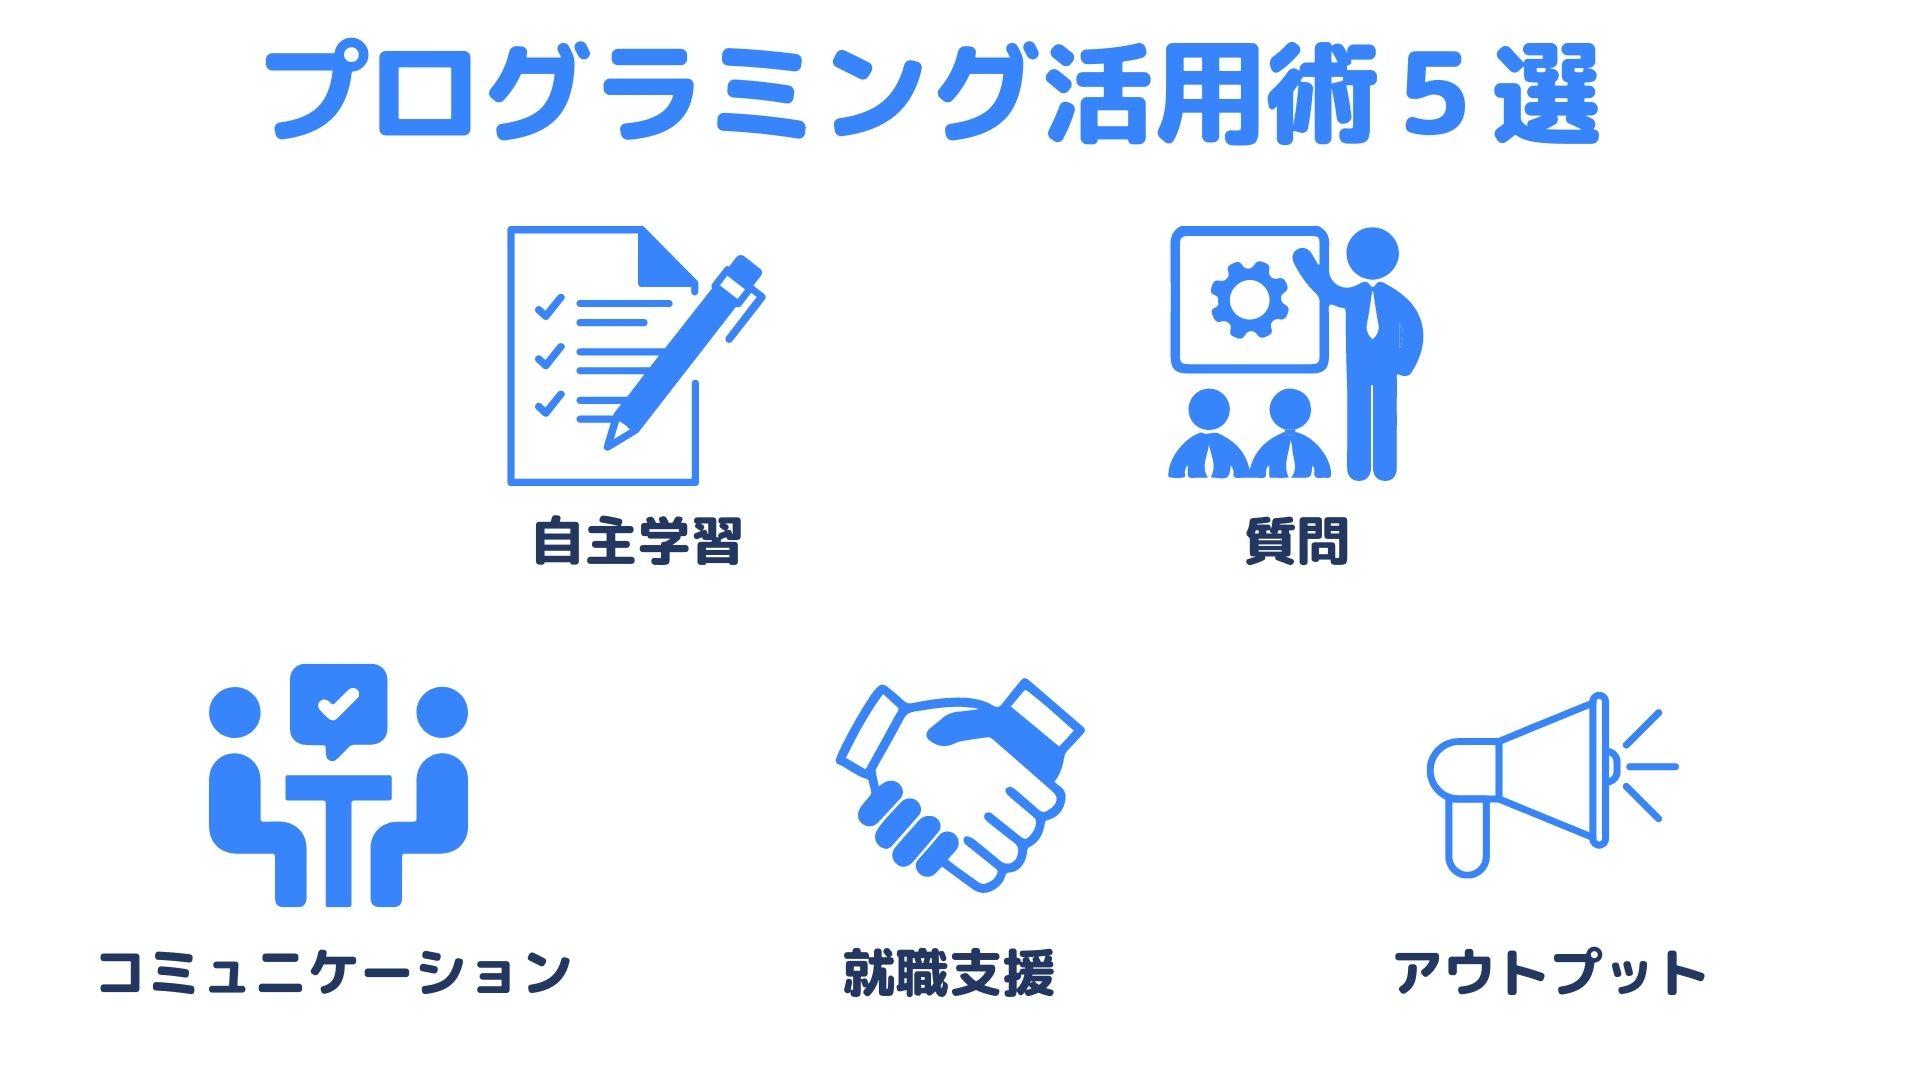 プログラミングスクールを最大限に活用する5つの方法